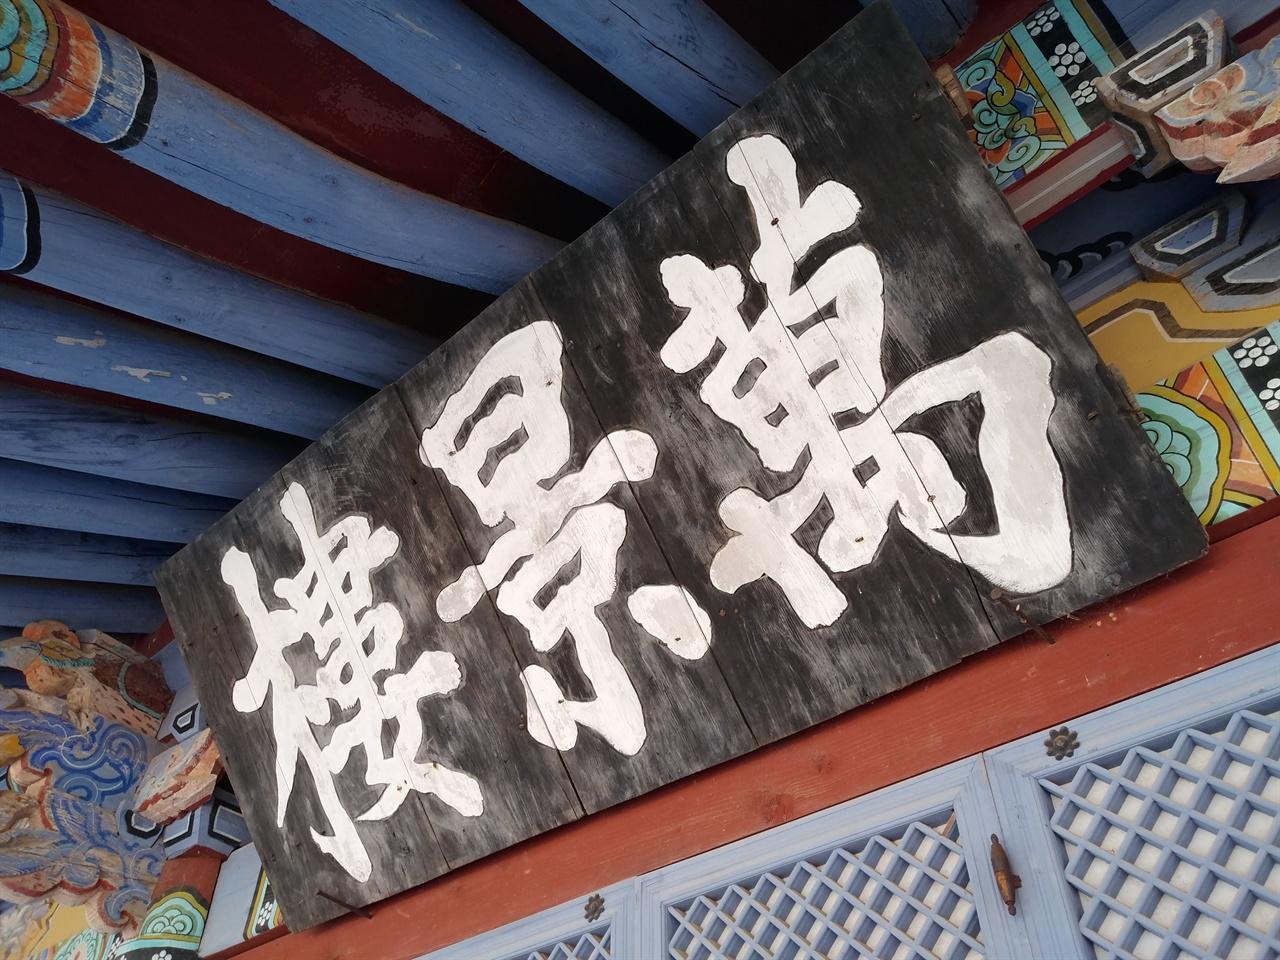 만경루 현판 백련사 안마당으로 들어가는 누마루인 만경루의 현판으로, 역시 이광사의 작품이다.